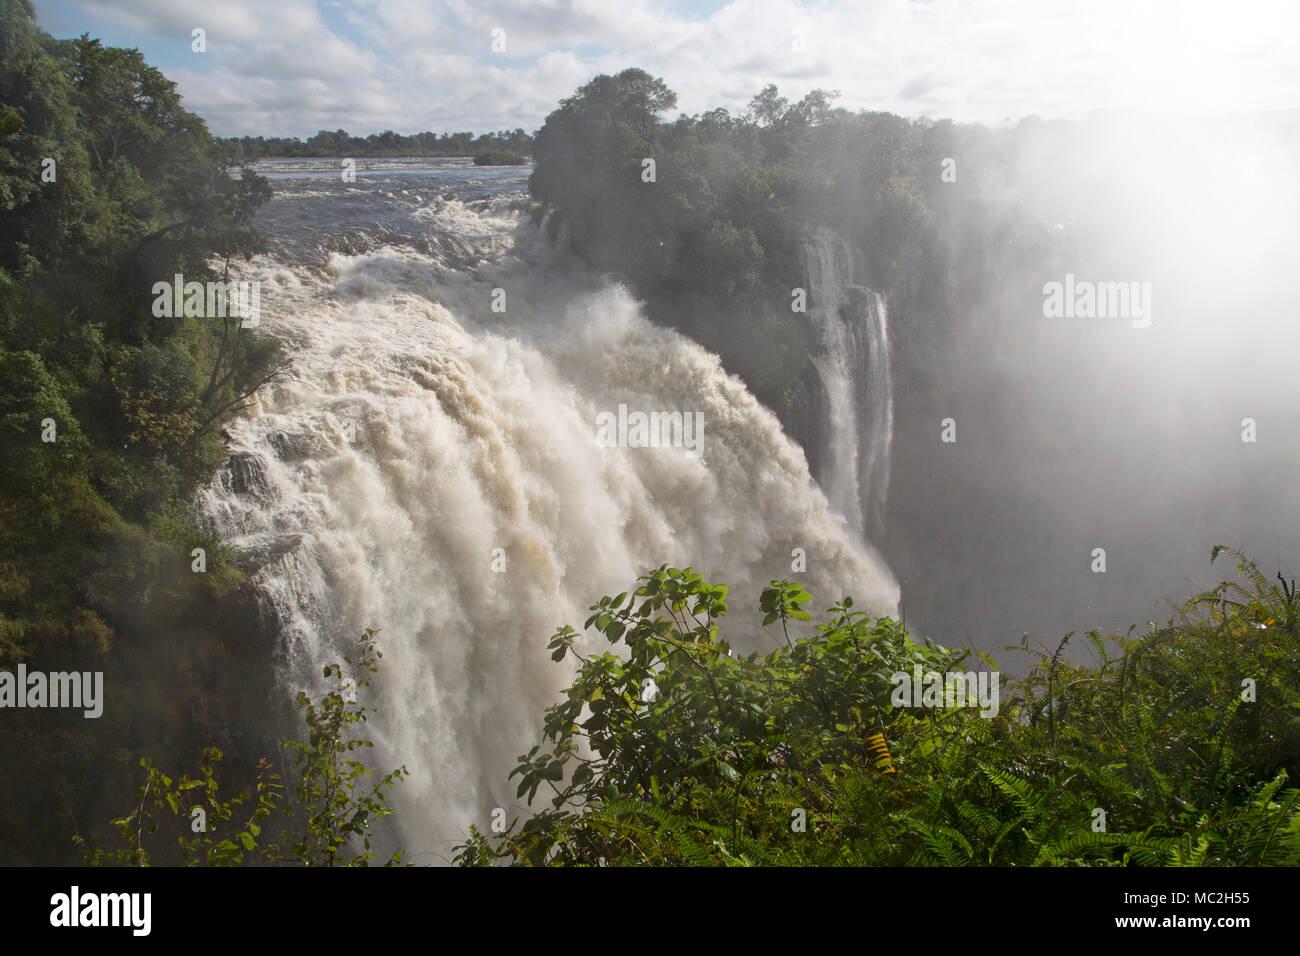 Il diavolo è la cataratta a Victoria Falls (Mosi-oa-Tunya) al confine dello Zimbabwe e Zambia. Immagini Stock